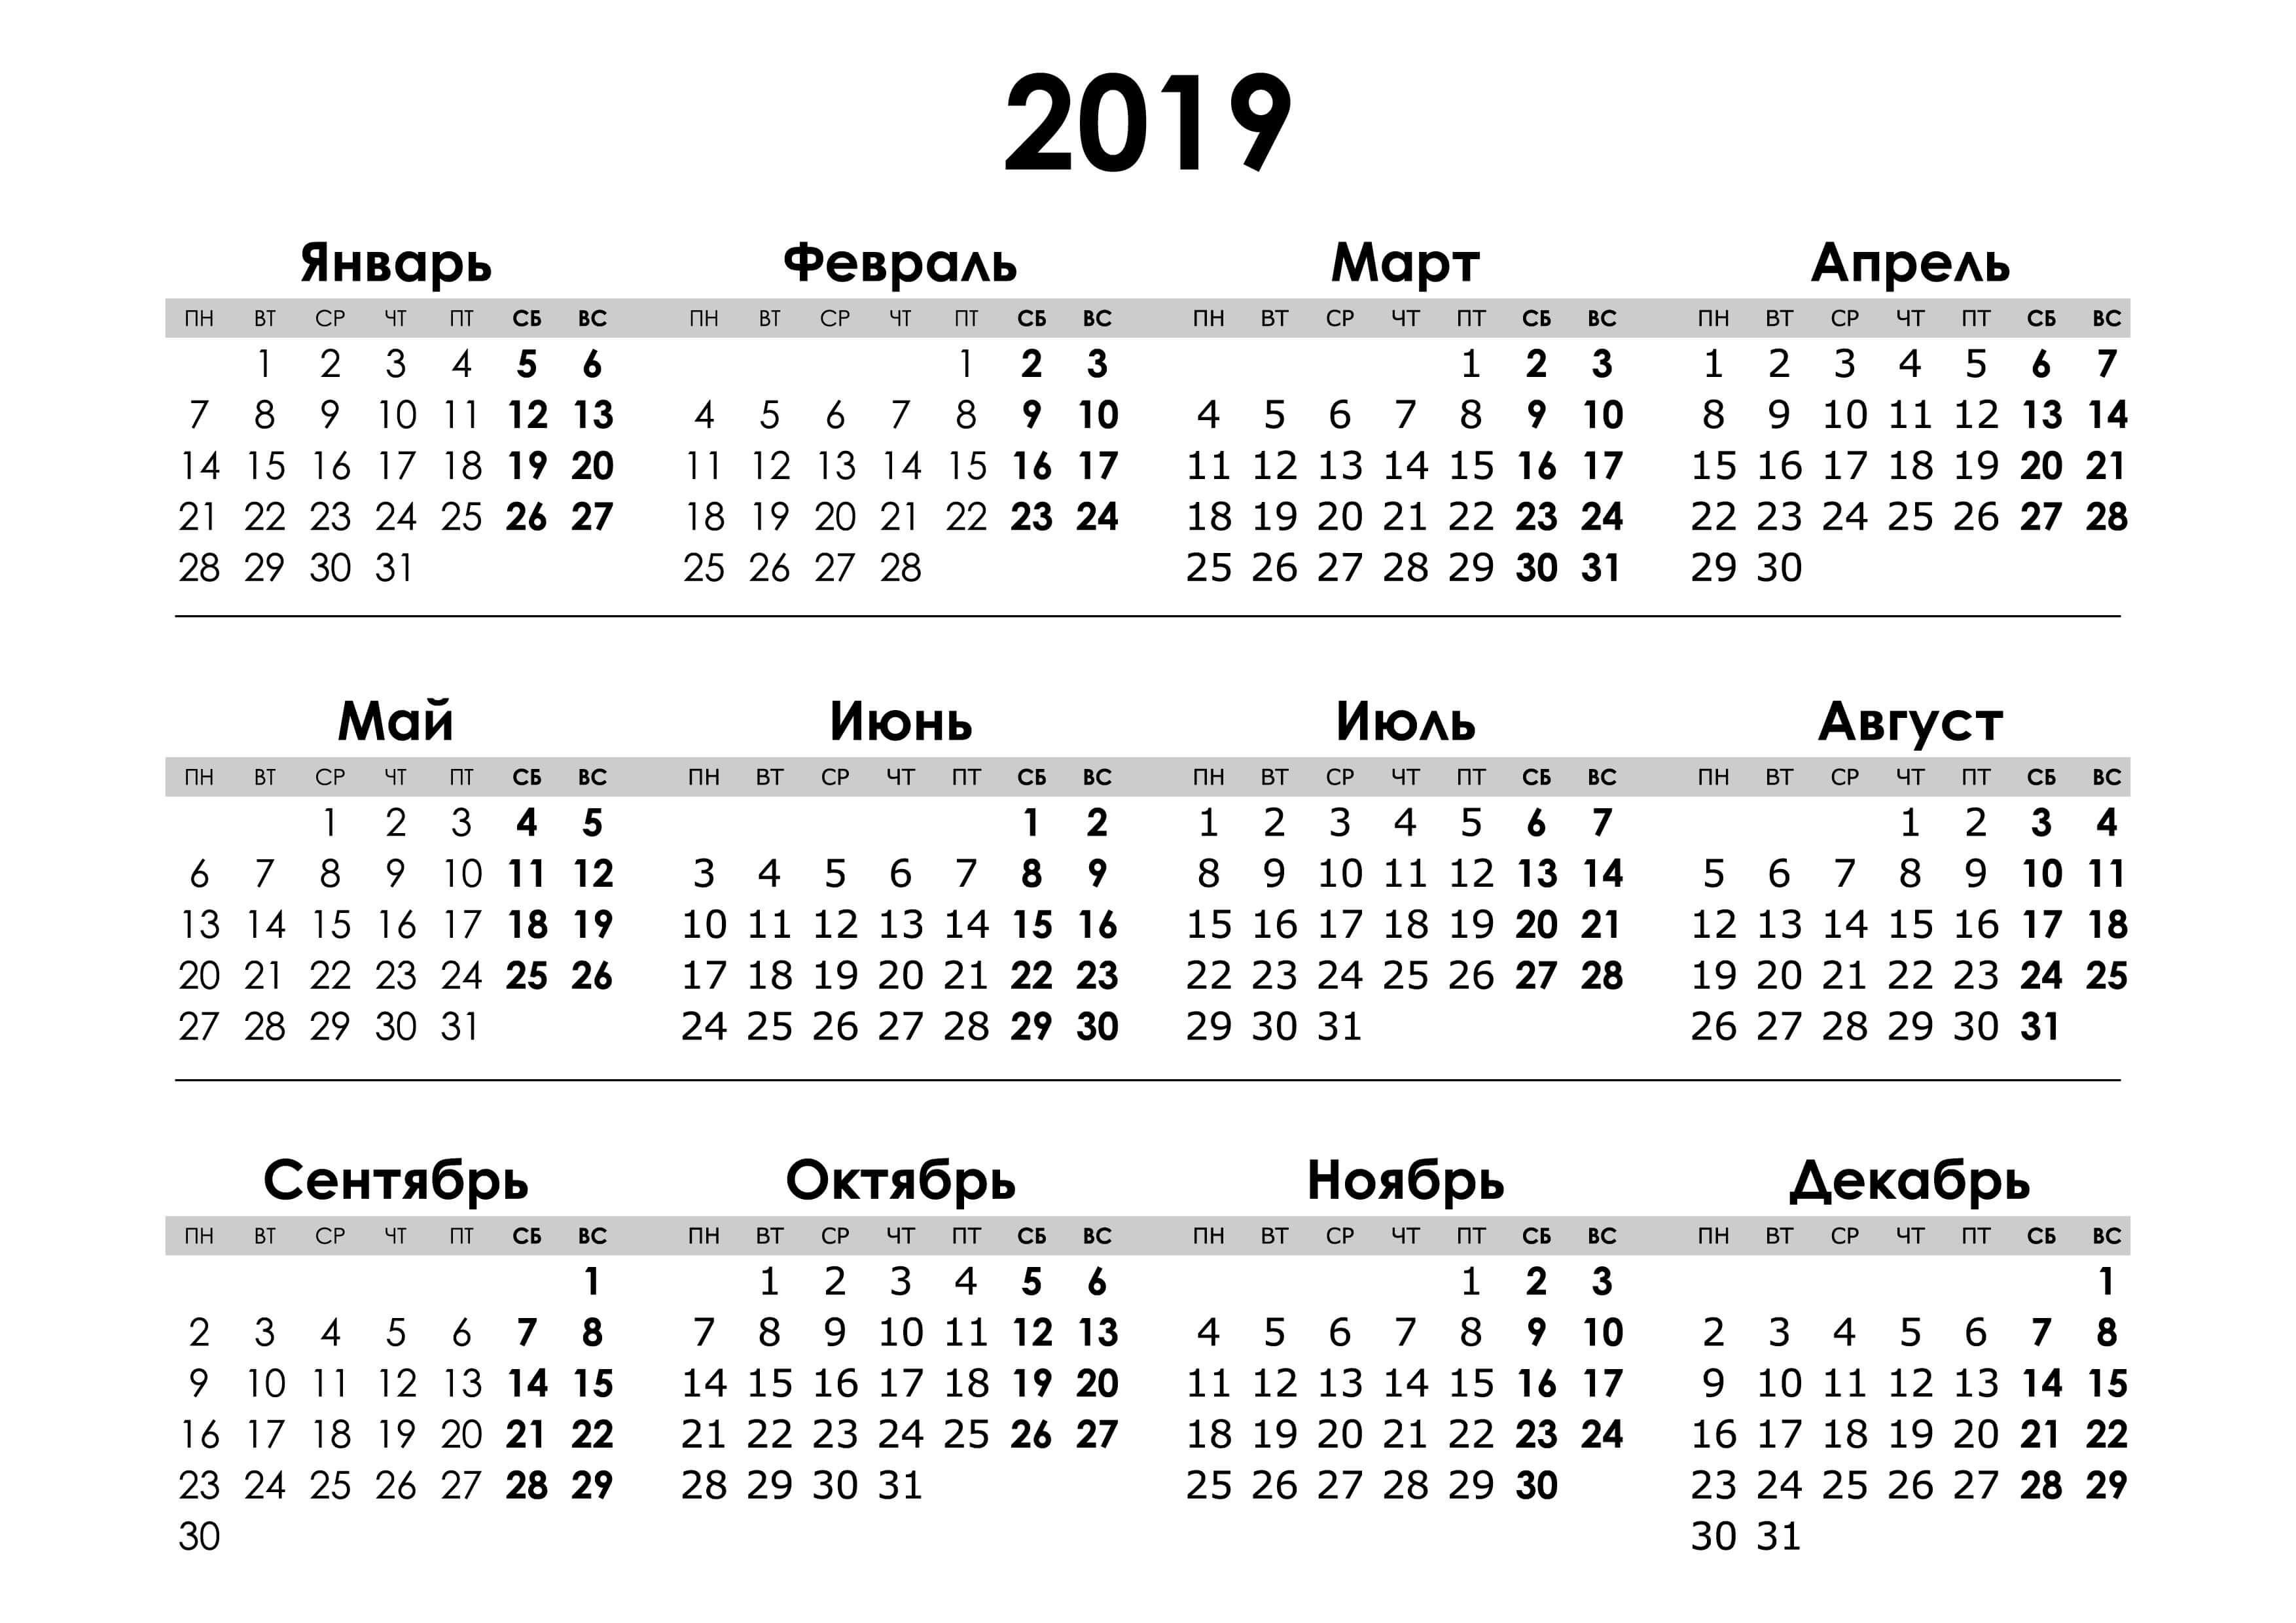 Красивые календари на 2019 год - отличная подборка 12